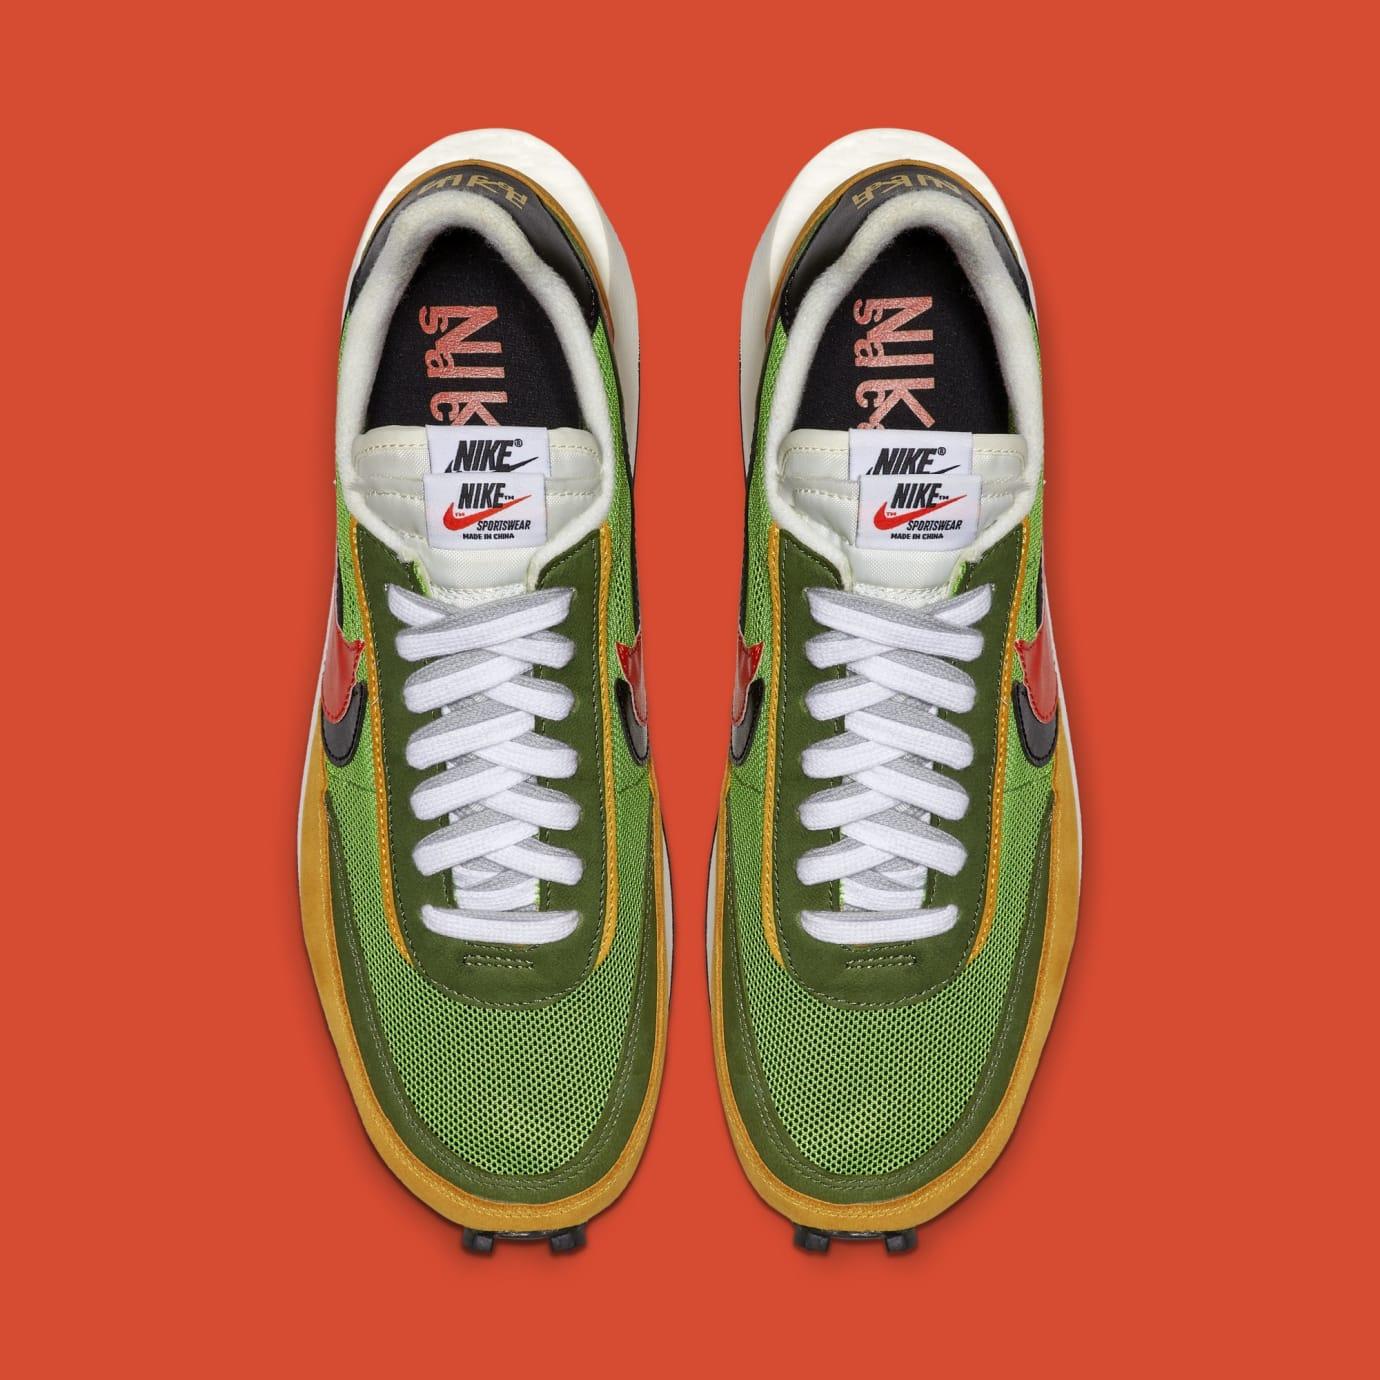 Sacai x Nike LDWaffle 'Green Gusto/Safety Orange/Black' BV0073-300 (Top)